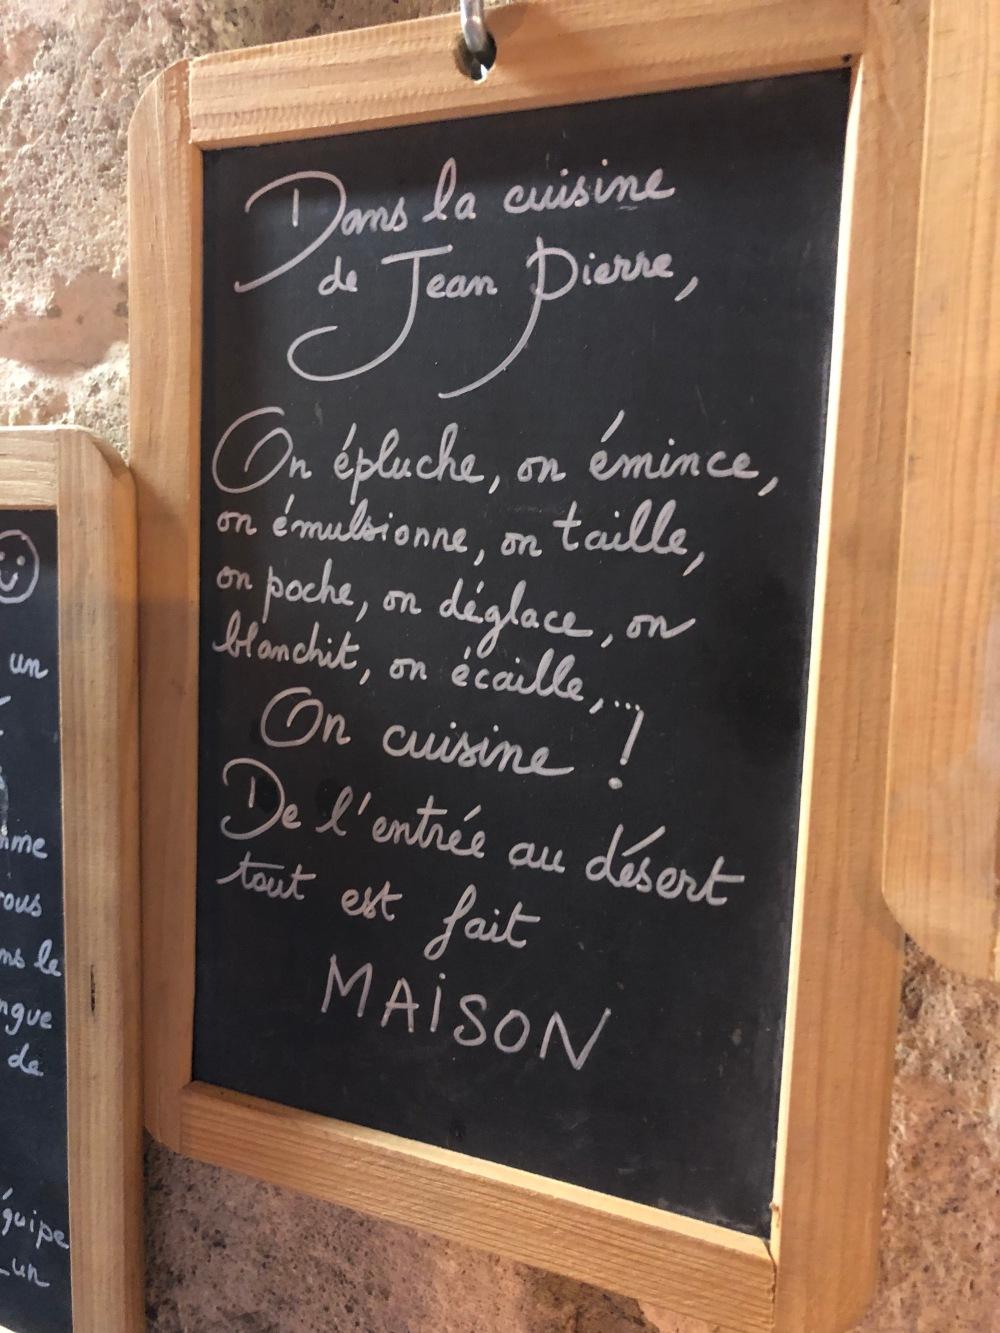 Les Saveurs de Provence